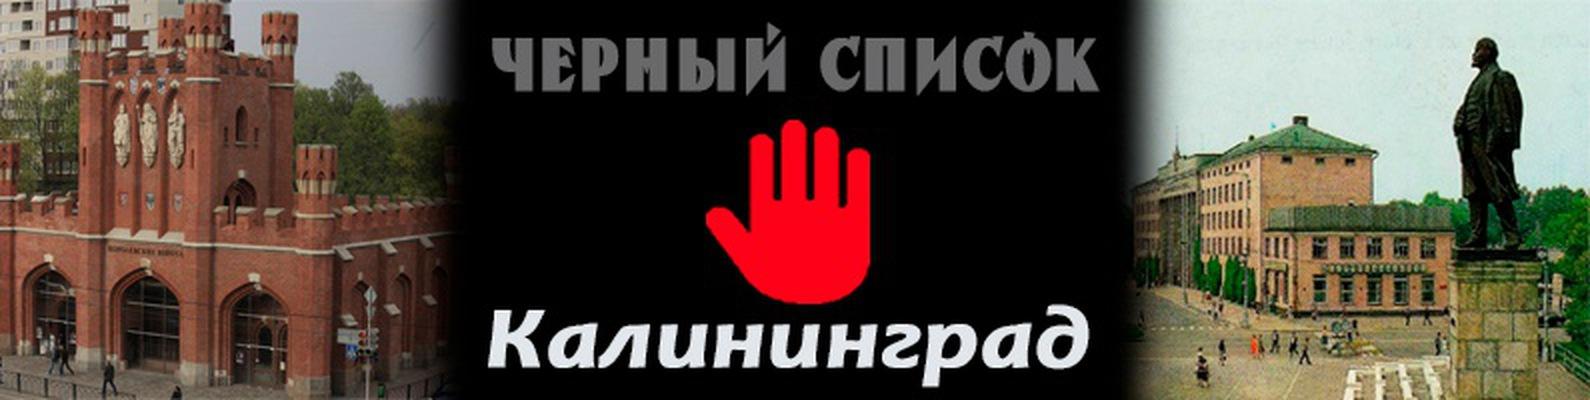 Г.калининград саша архиреев александрович магазин